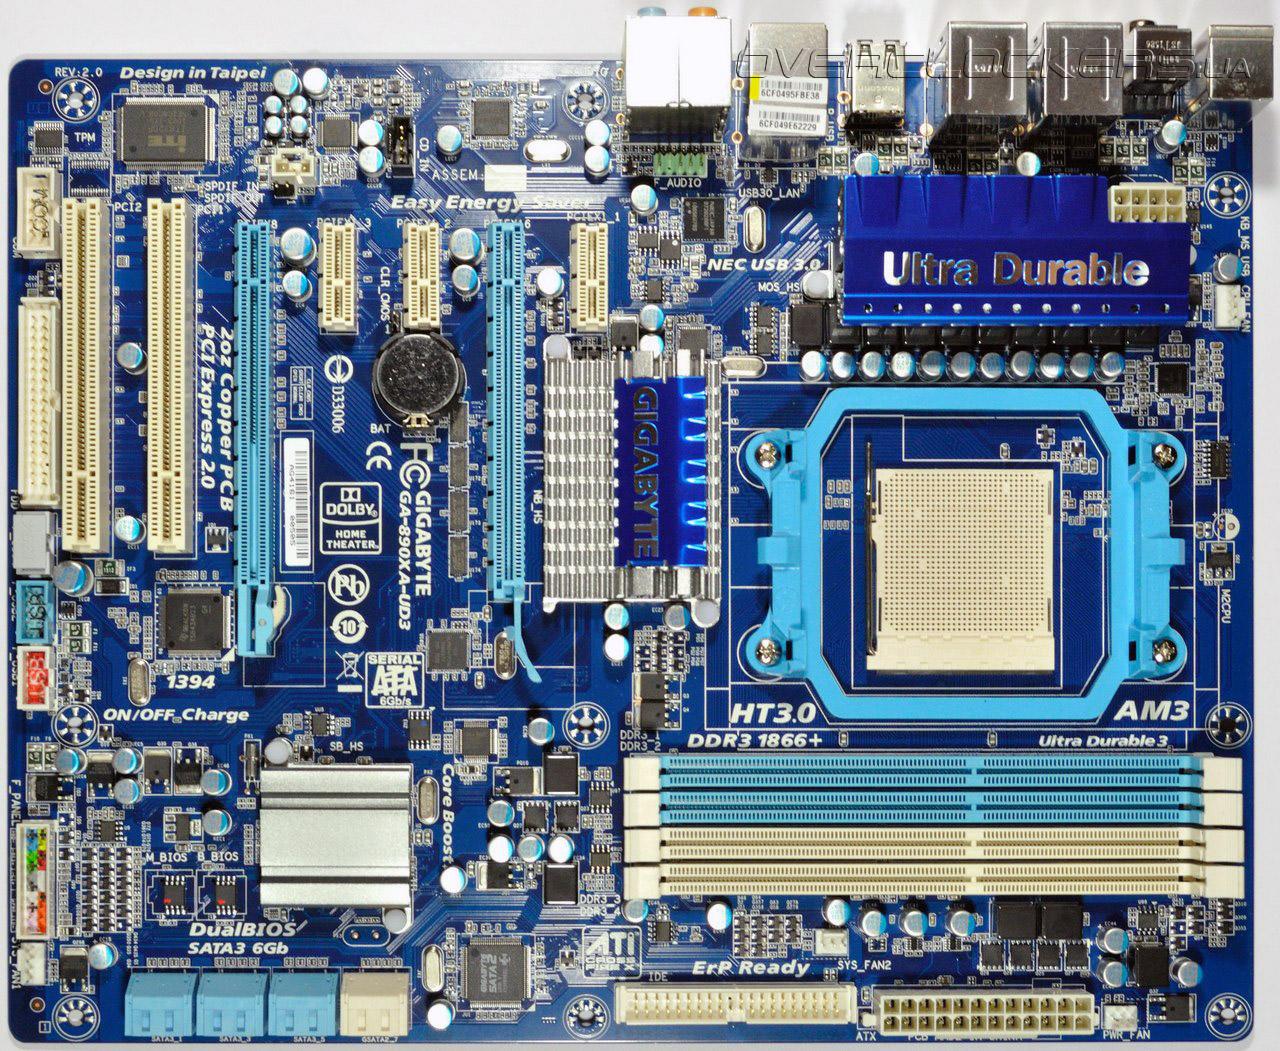 Driver for Gigabyte GA-890XA-UD3 (rev. 2.0)